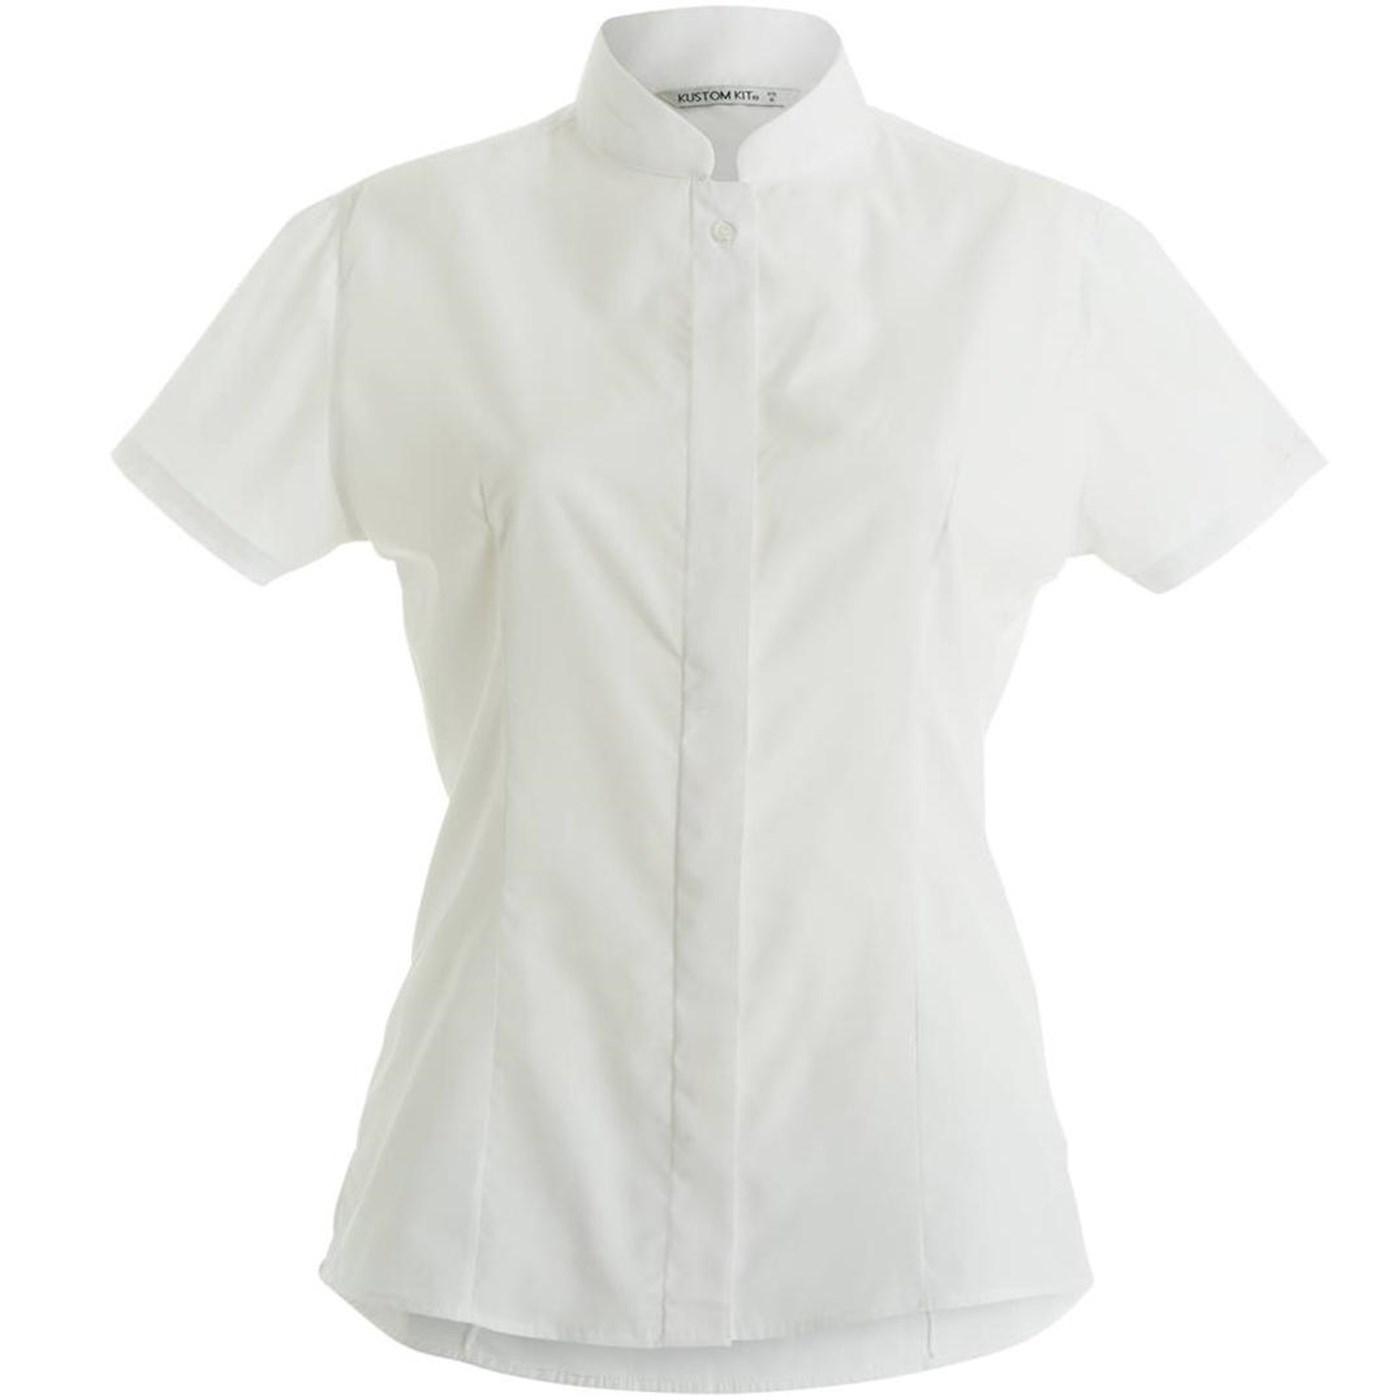 8213bd238ac5 Kustom Kit Women s Mandarin Collar Fitted Short Sleeve Shirt KK260